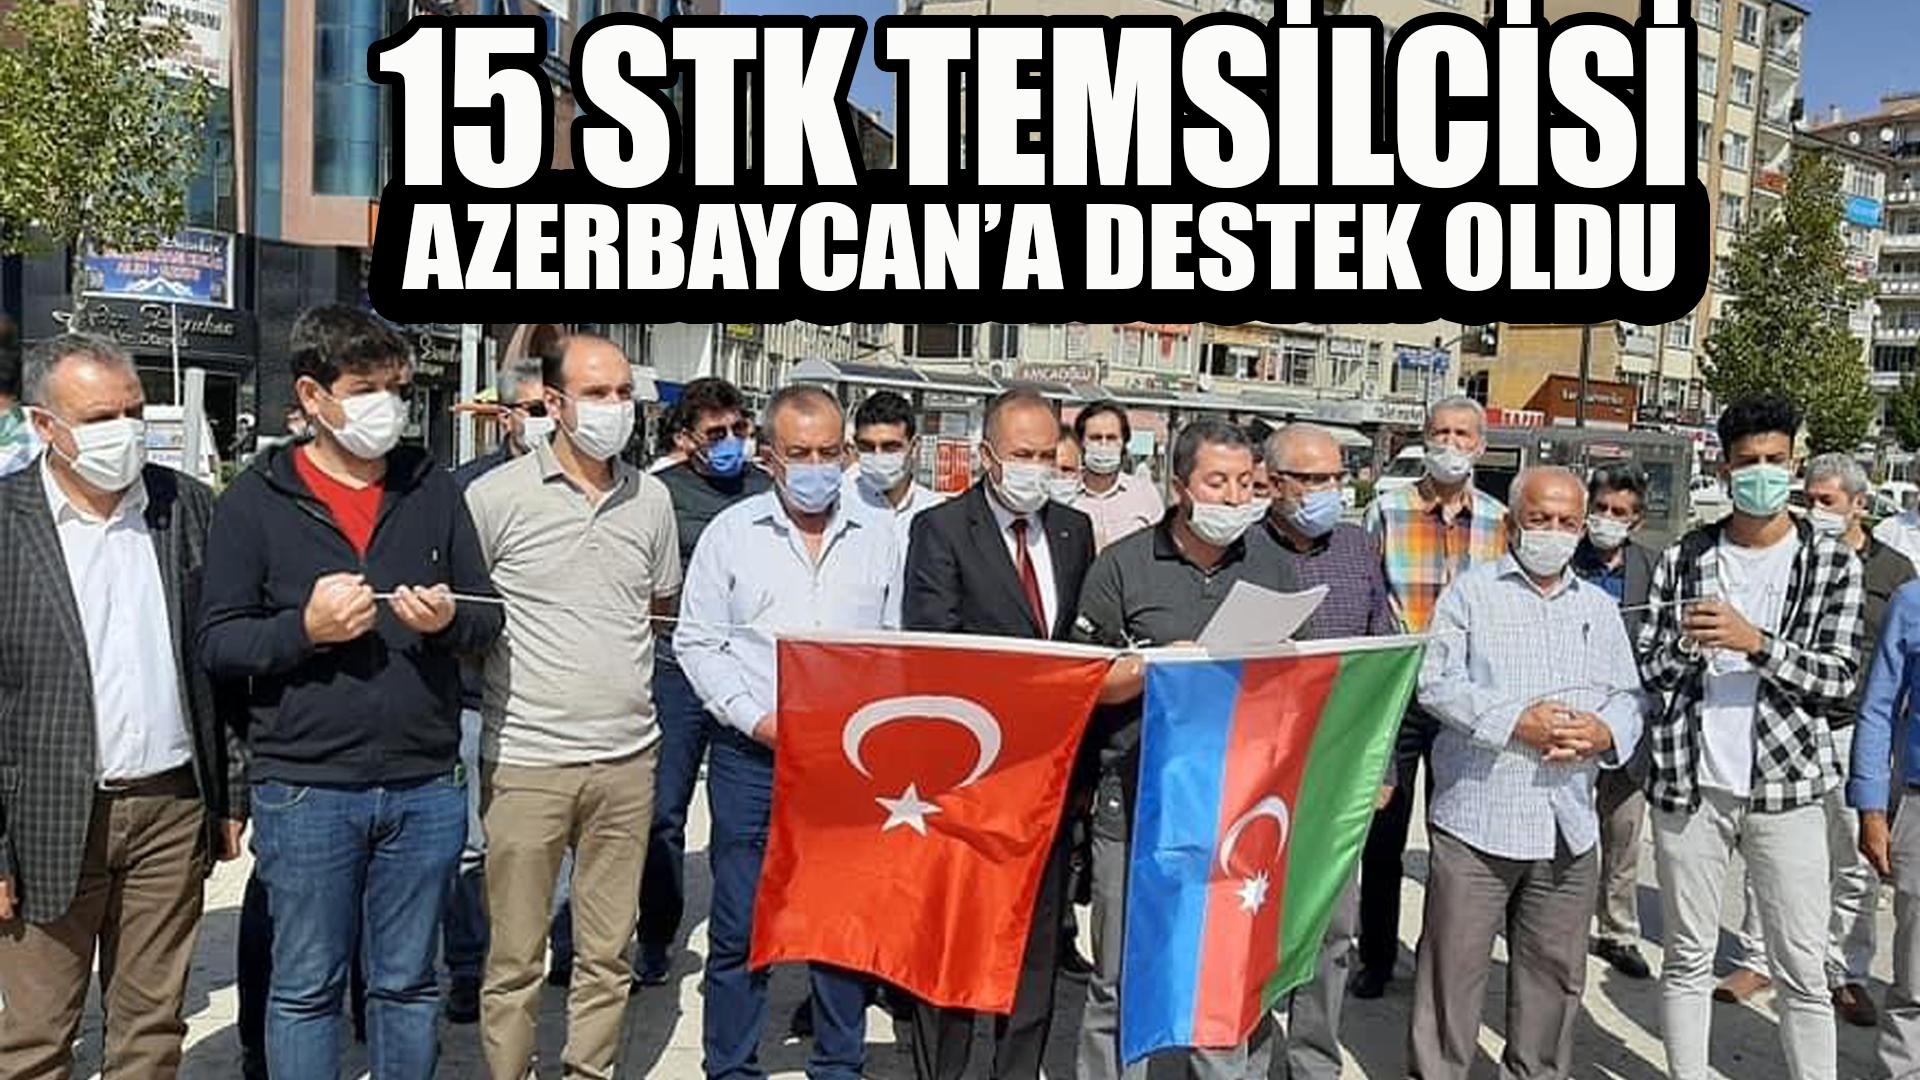 15 STK Azerbaycan için destek açıklaması yaptı